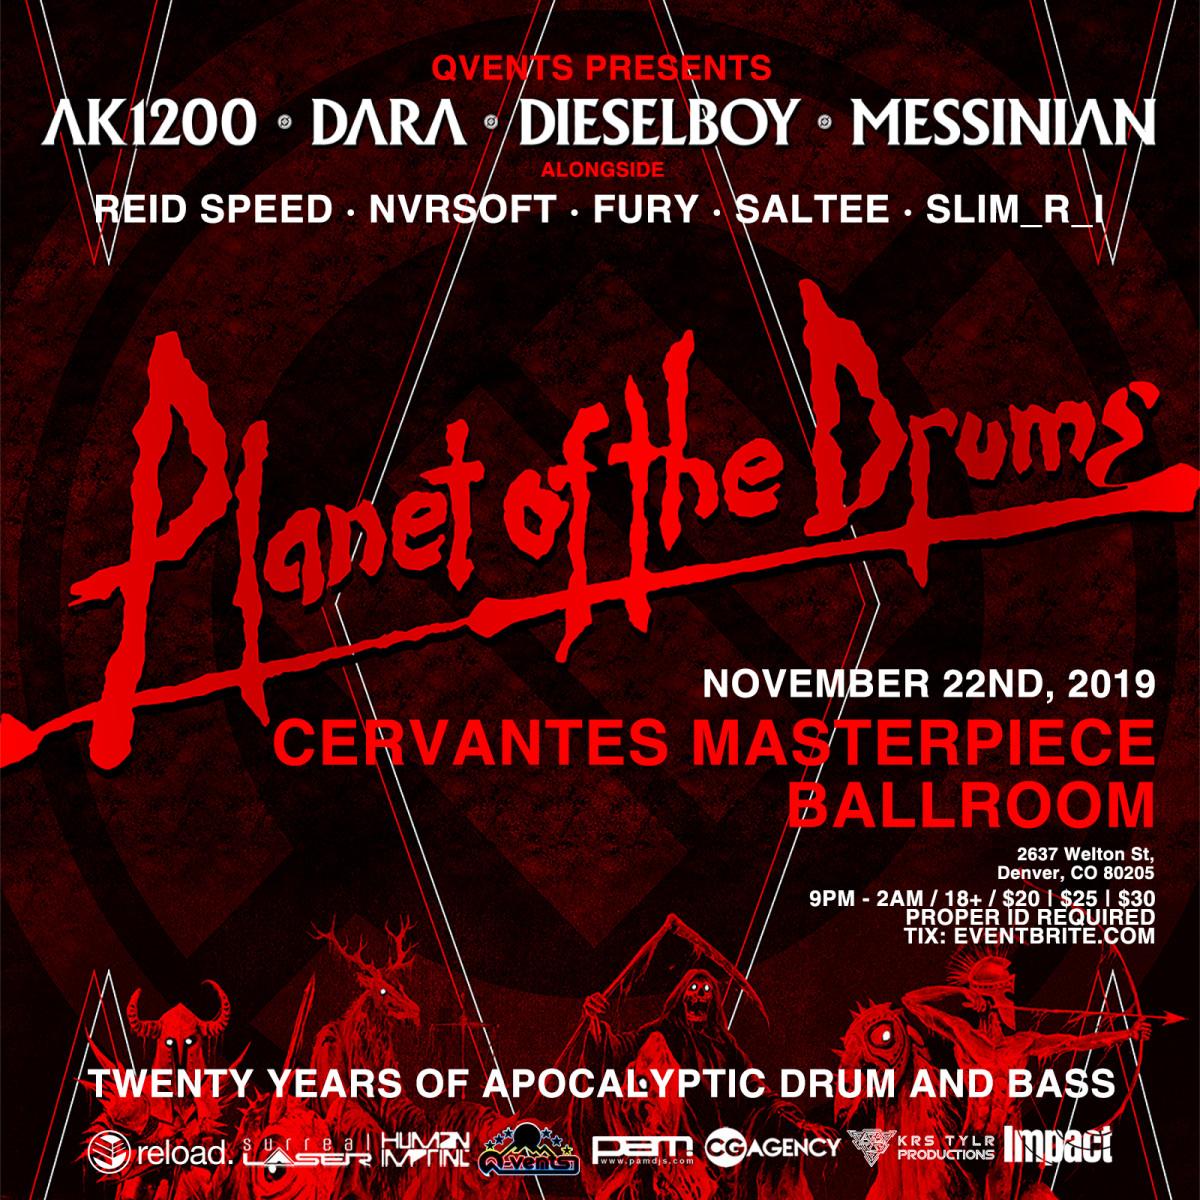 Planet Of The Drums - ADMAT (Ak1200, Dara, Dieselboy, Messinian, Reid Speed)